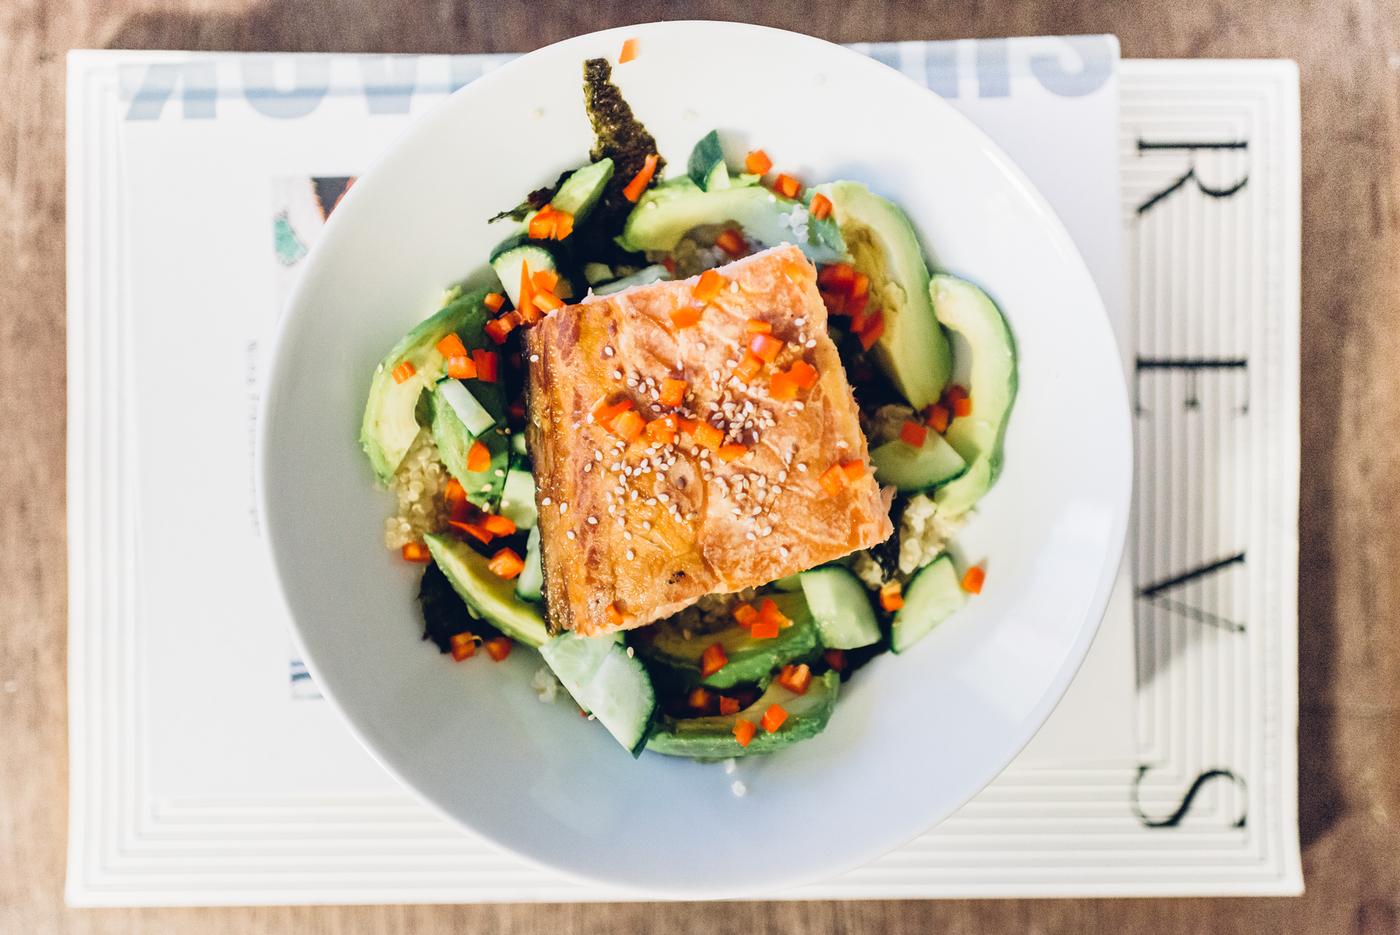 Sushihimoon terveellisempi vaihtoehto